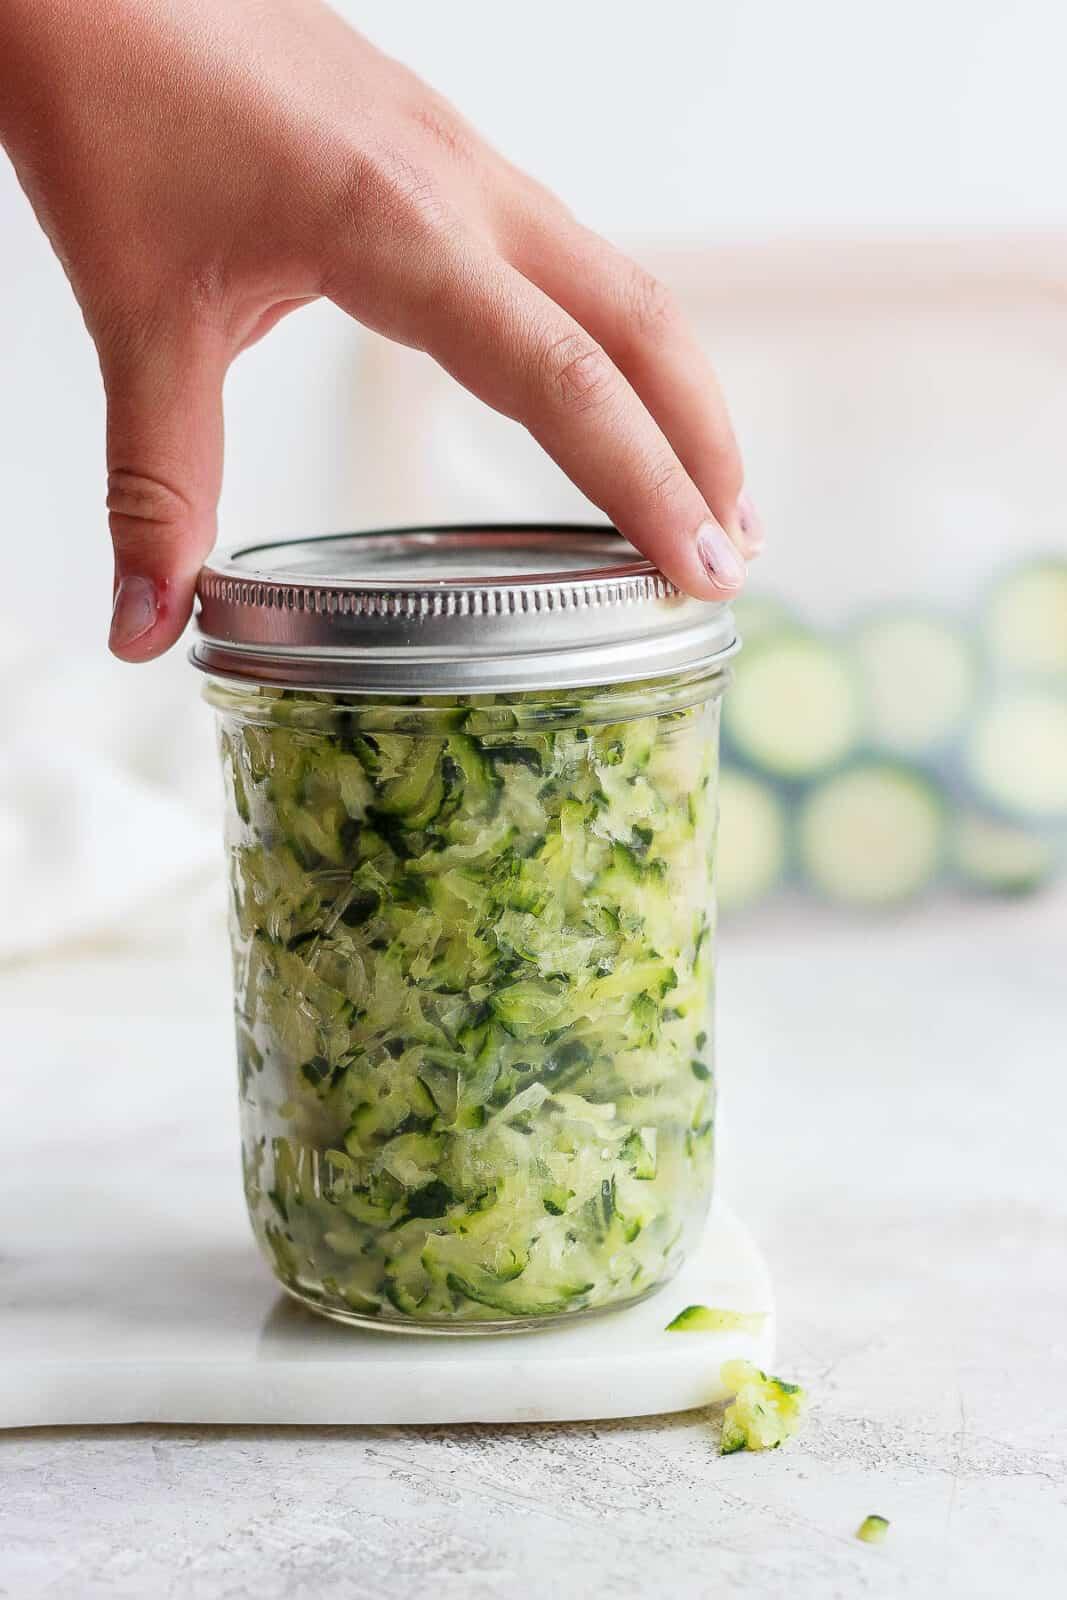 A mason jar of shredded zucchini.